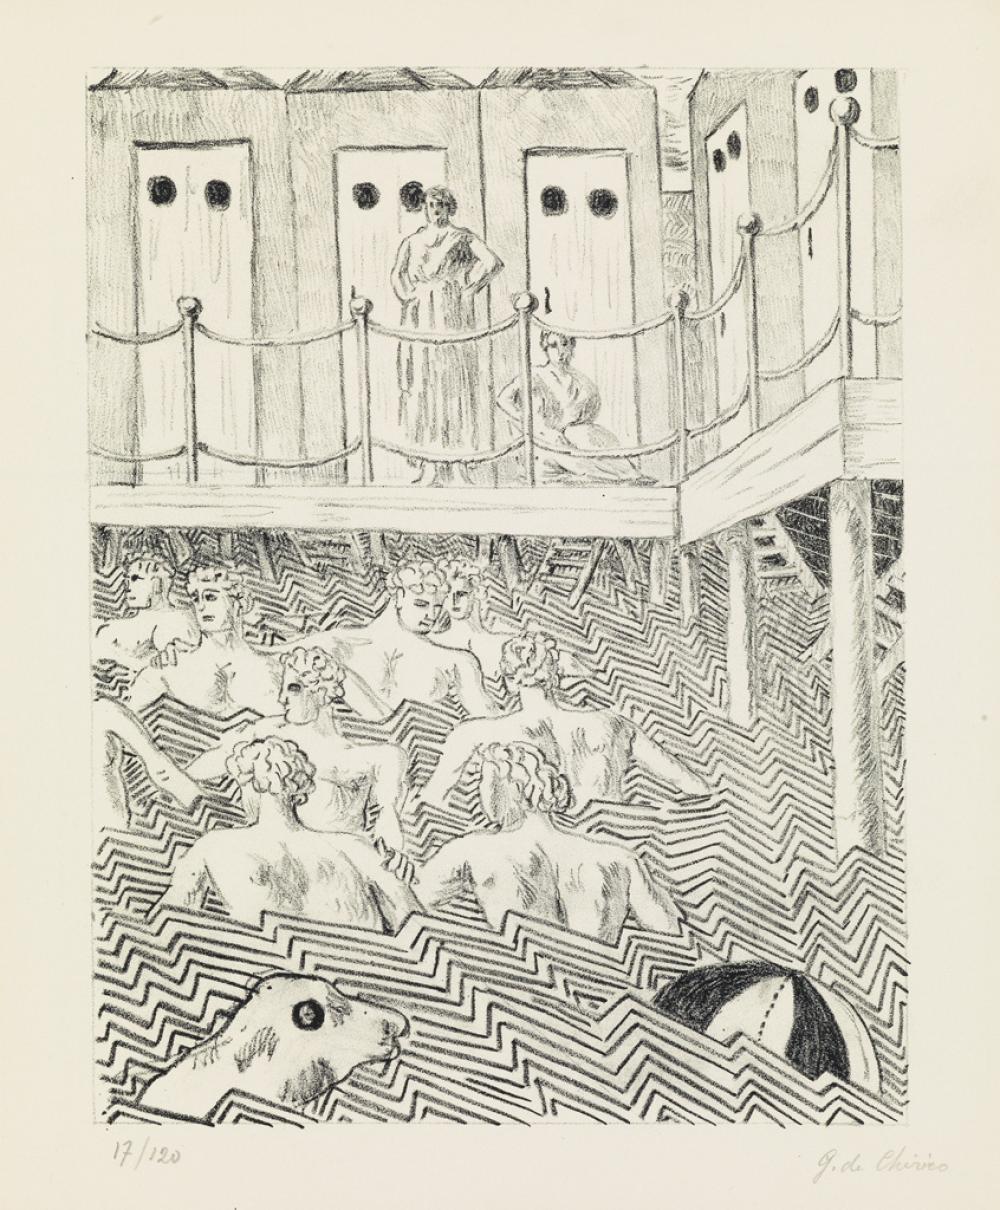 COCTEAU, JEAN; and DE CHIRICO, GIORGIO. Mythologie.